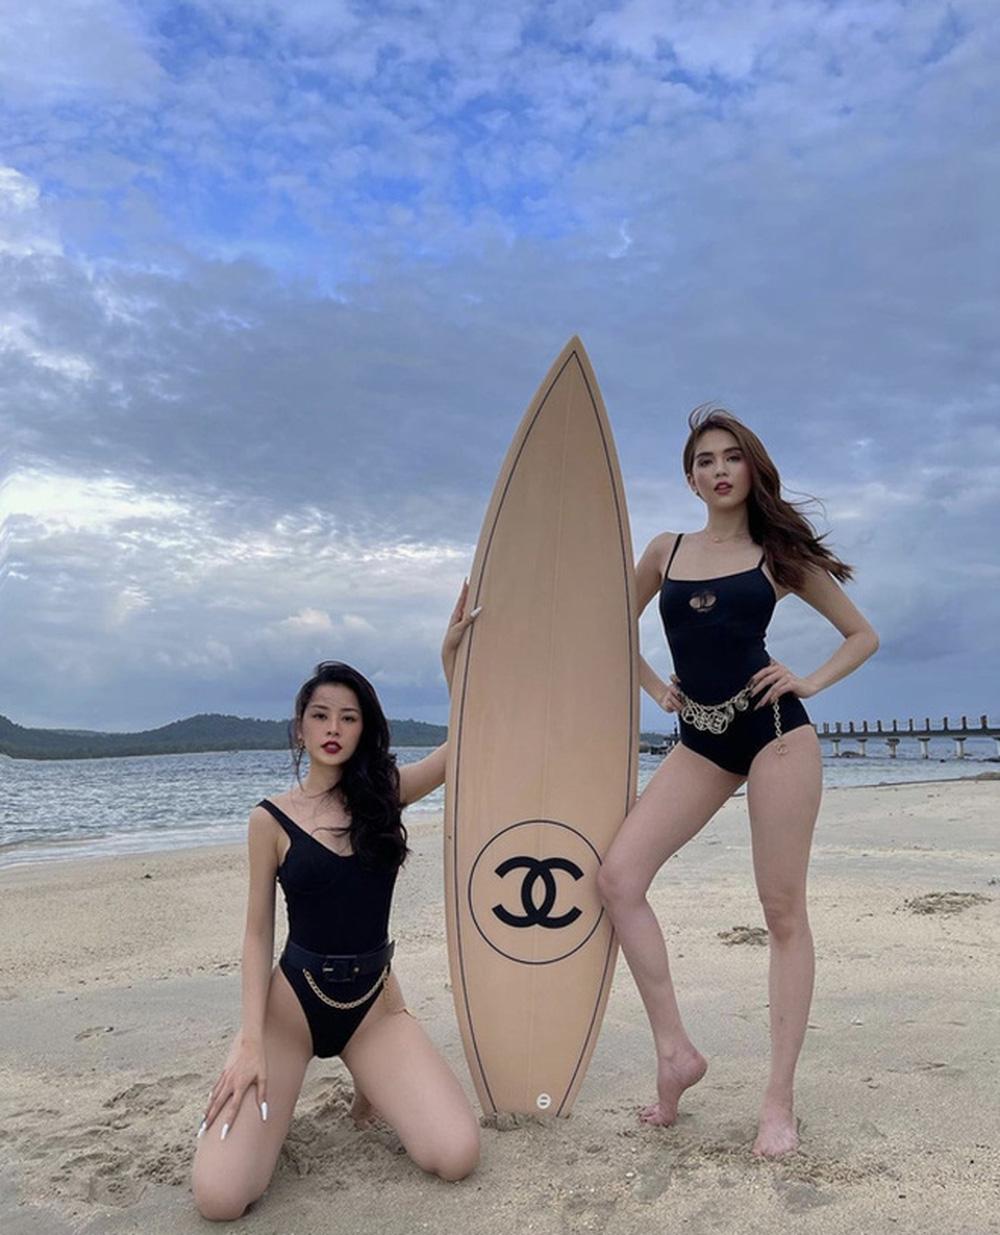 Nữ đại gia ở biệt thự 800 tỷ khoe ảnh tạo dáng bên ván Chanel từng khiến Chi Pu - Ngọc Trinh mê mẩn, vóc dáng U60 gây ngỡ ngàng-7